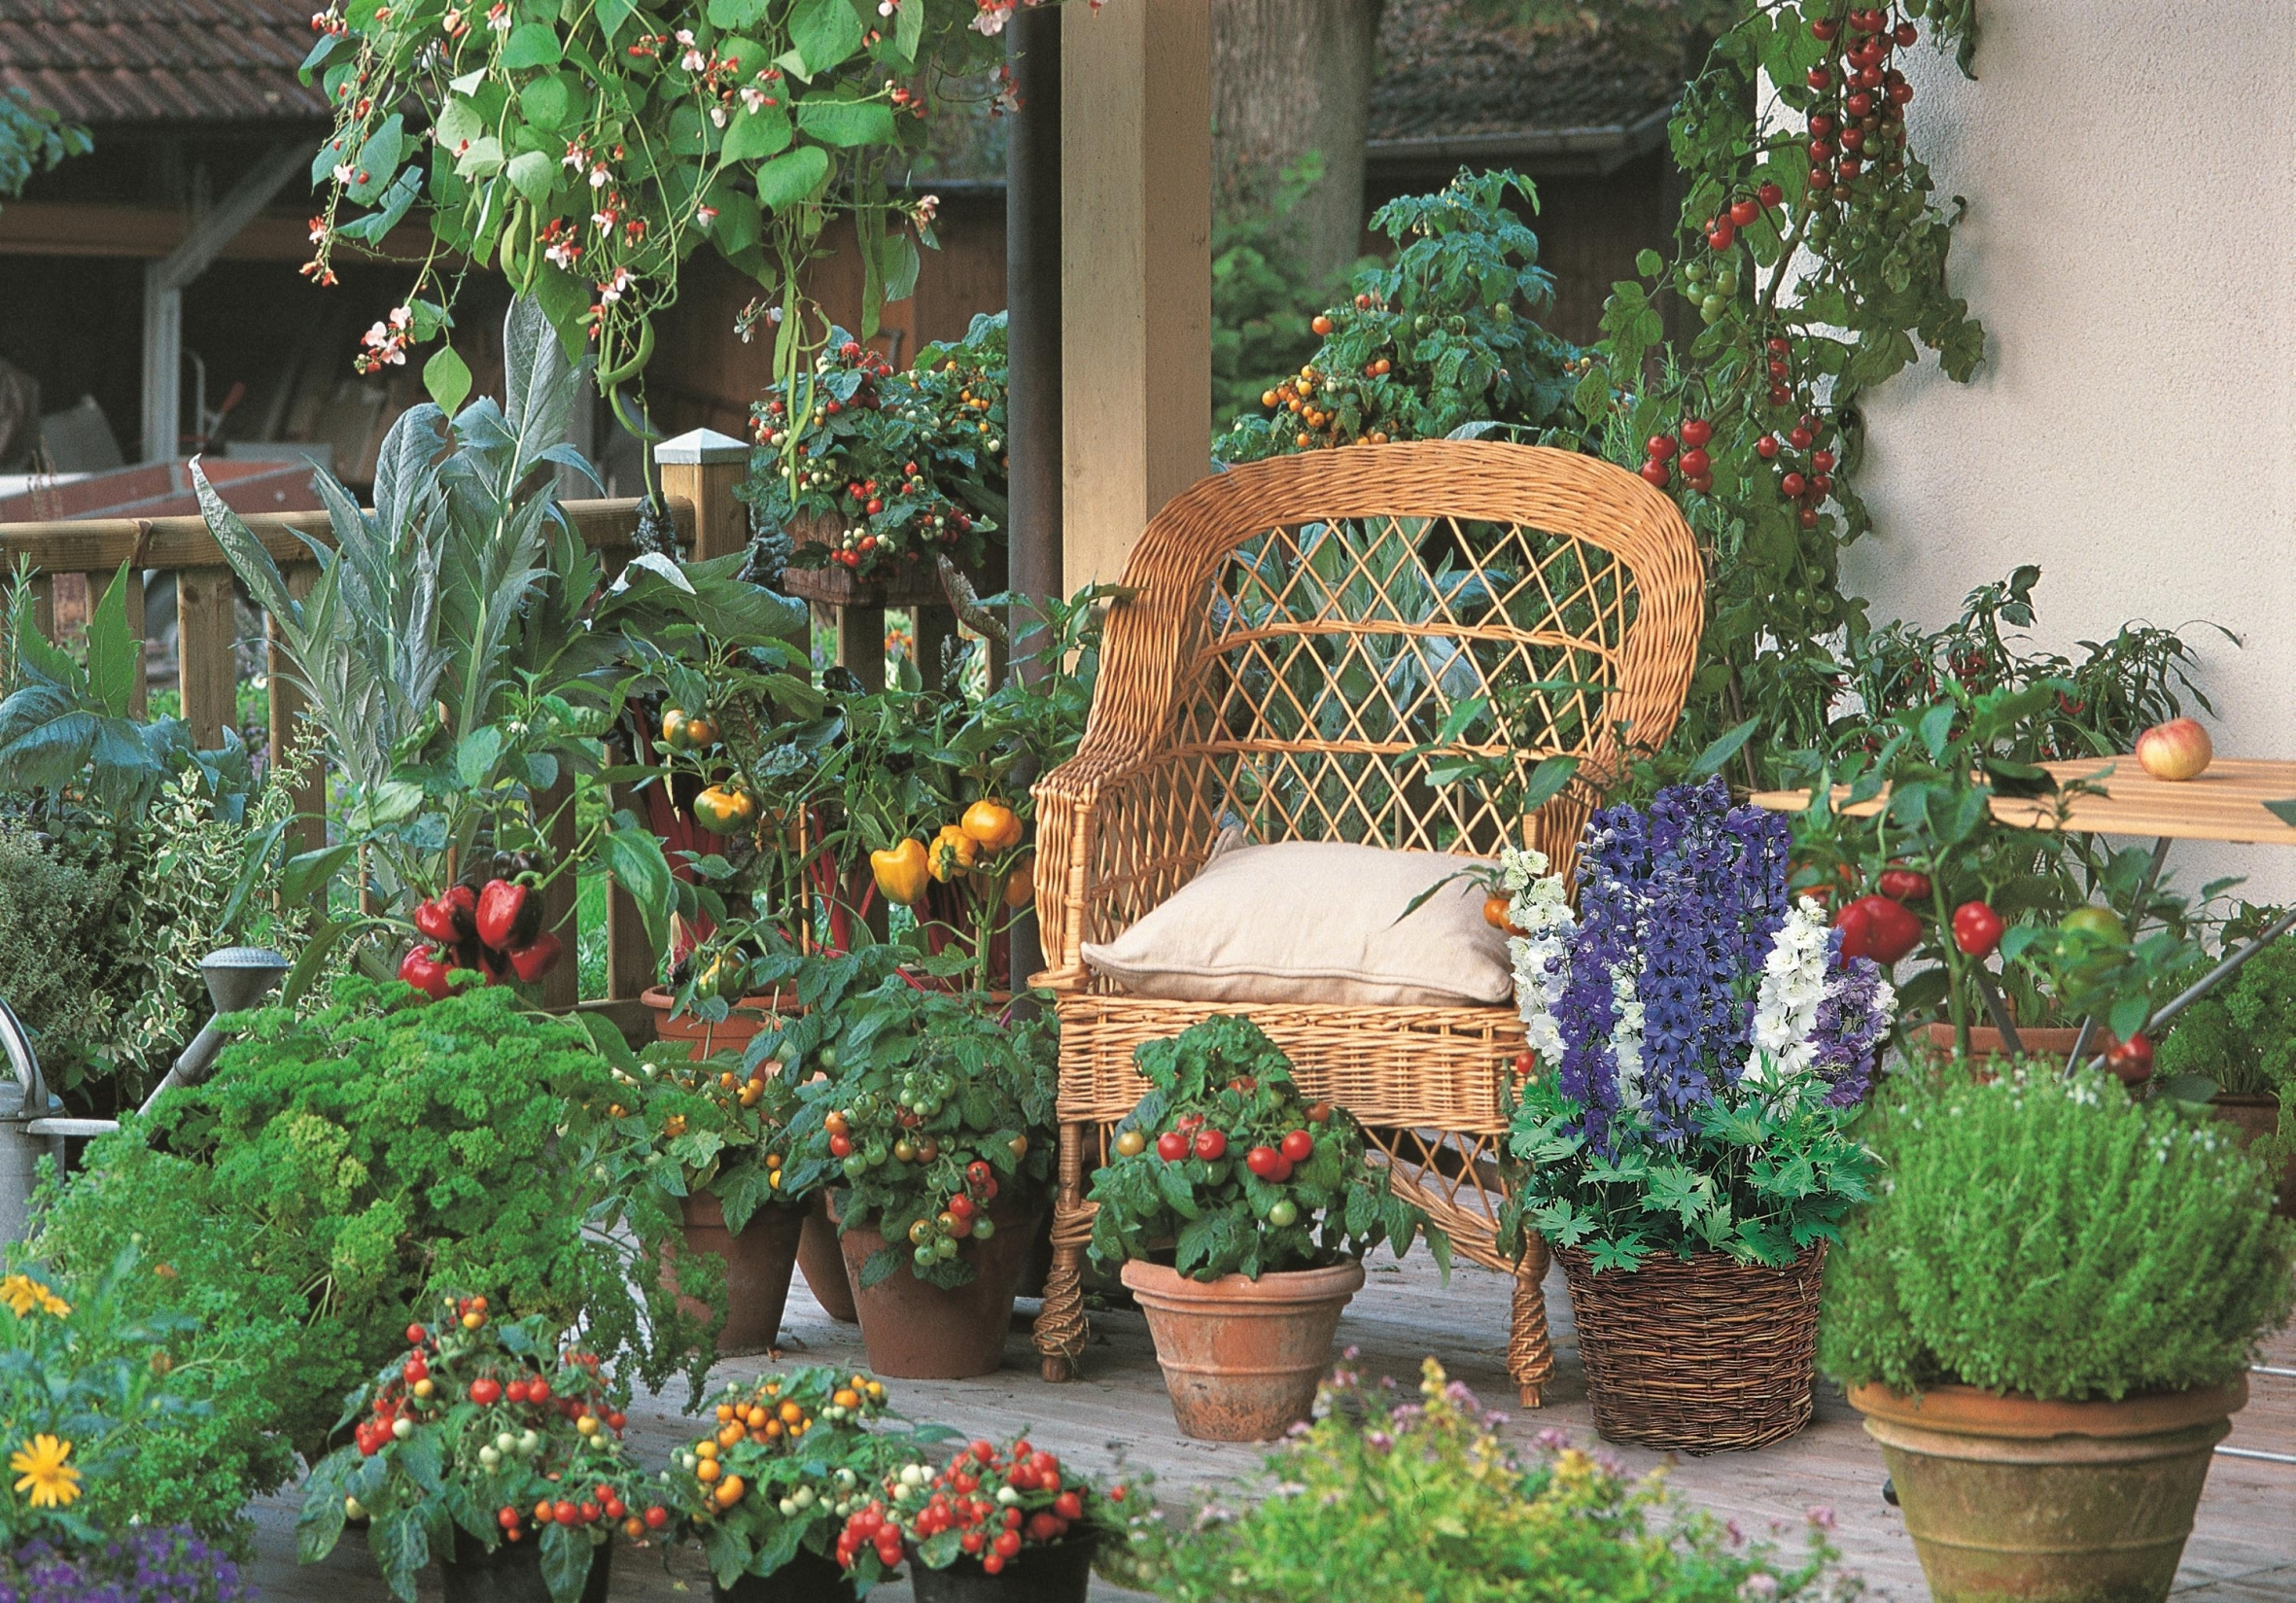 Das Grüne Medienhaus» Beet- & Balkonpflanzen Gemüse, Obst ... Auswahl Balkonpflanzen Kombiniert